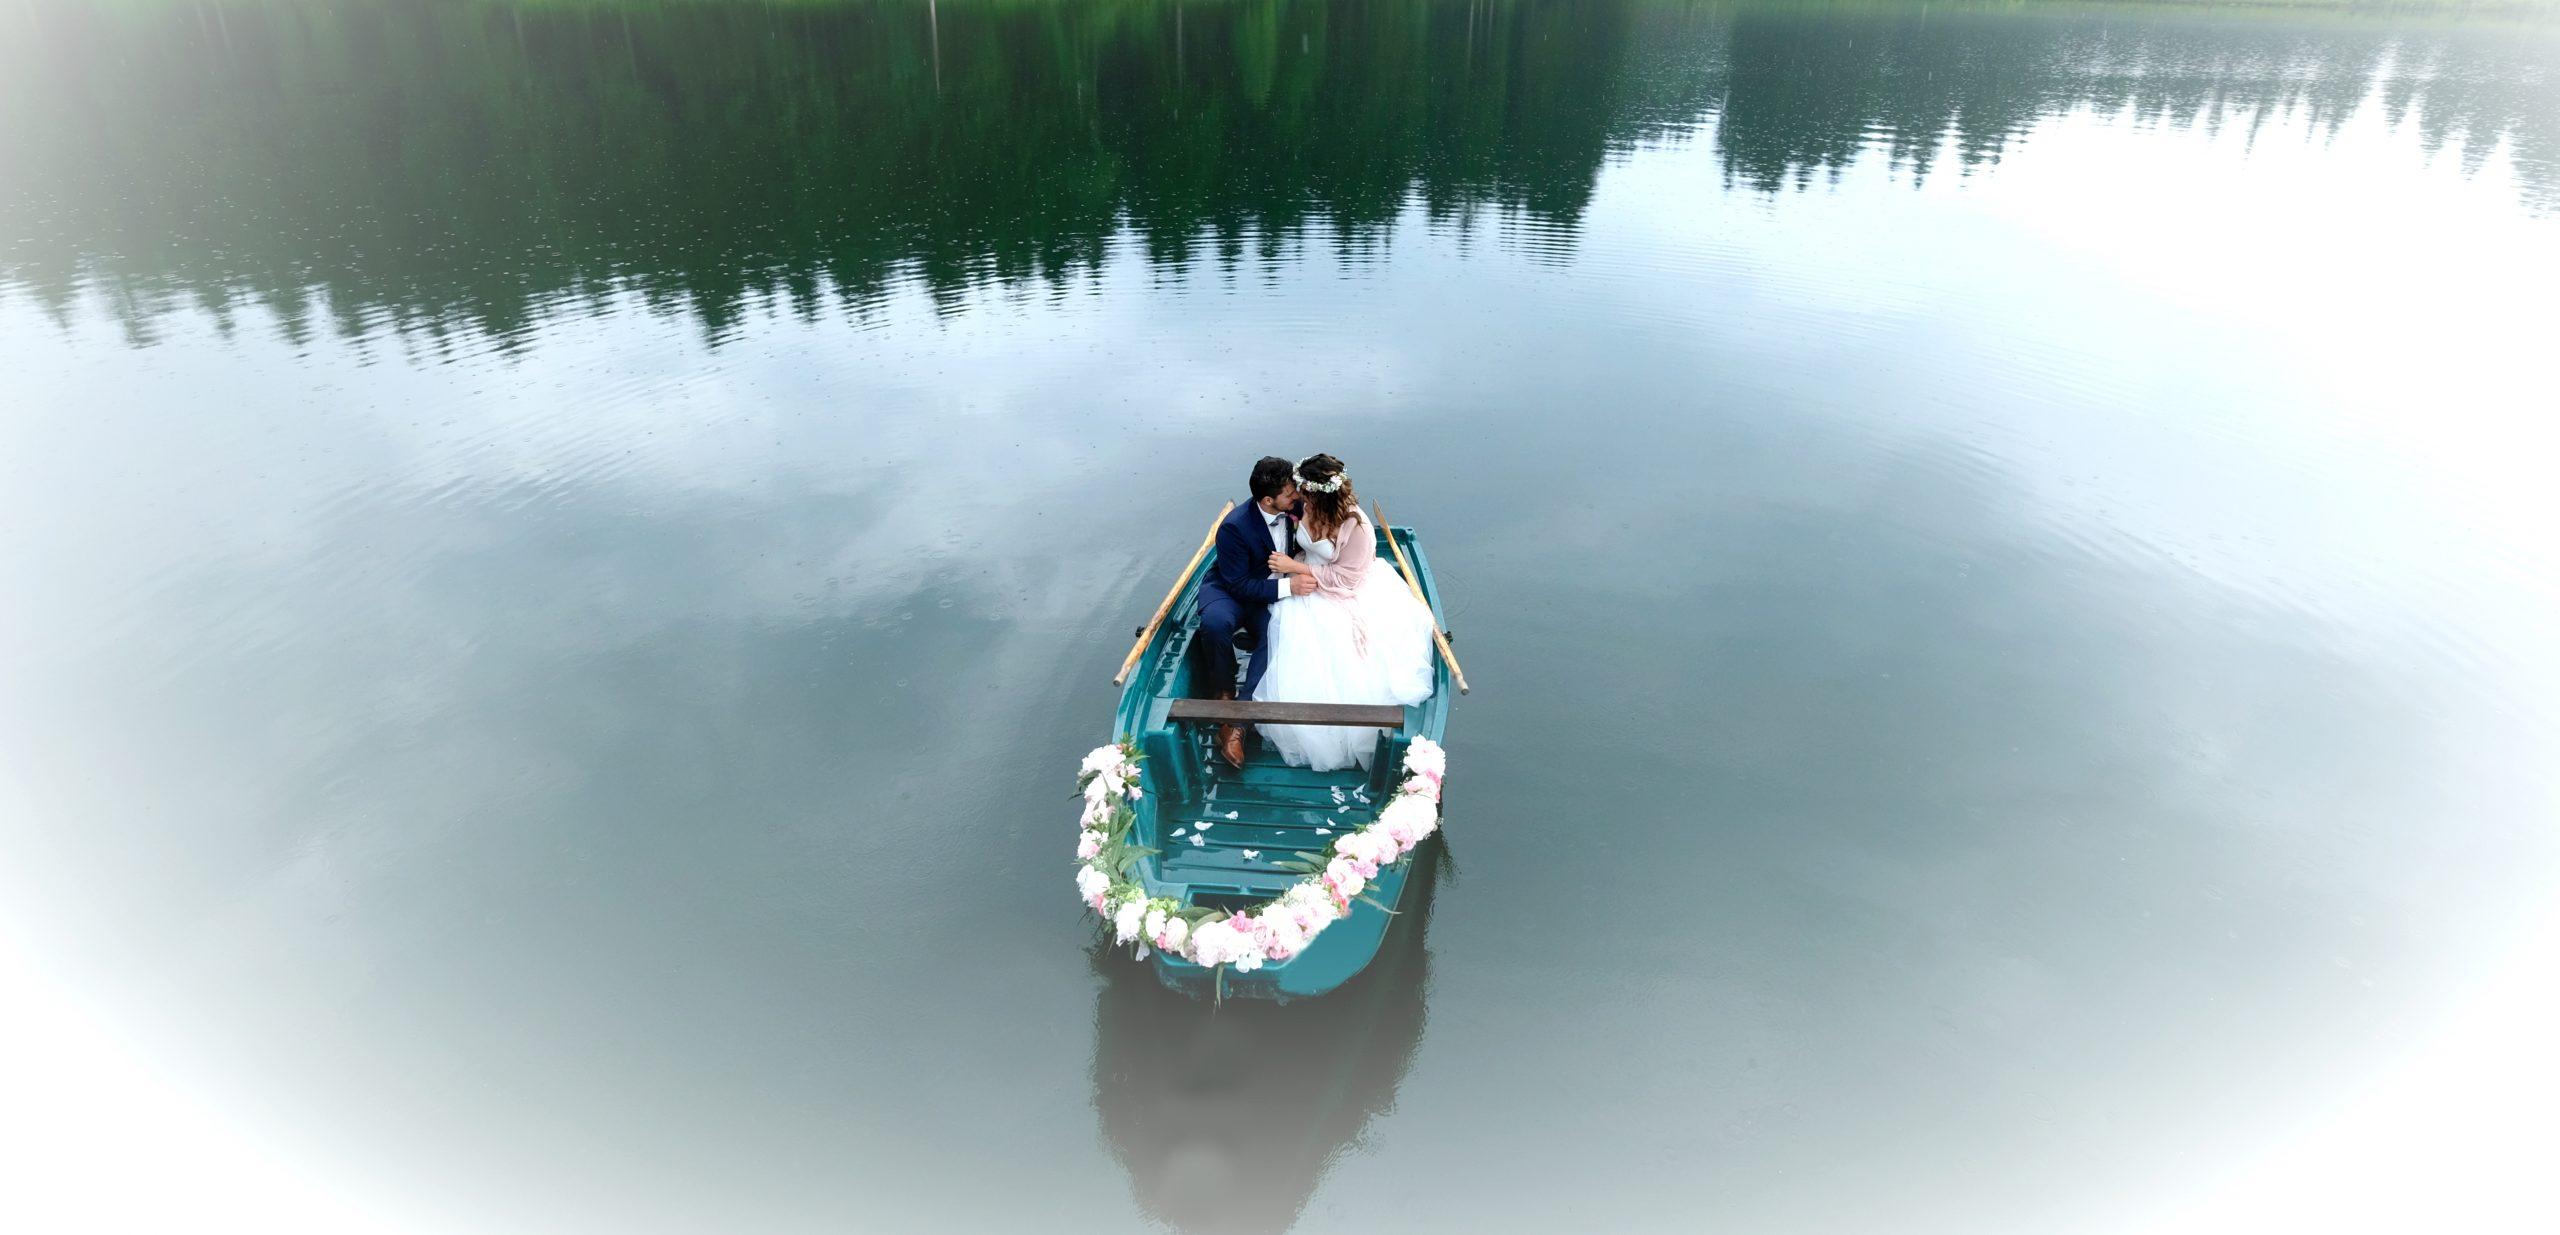 Corona -- Hochzeit absagen oder verschieben? Eure freie Trauung in der Corona-Krise - Foto Dietrich Kühne